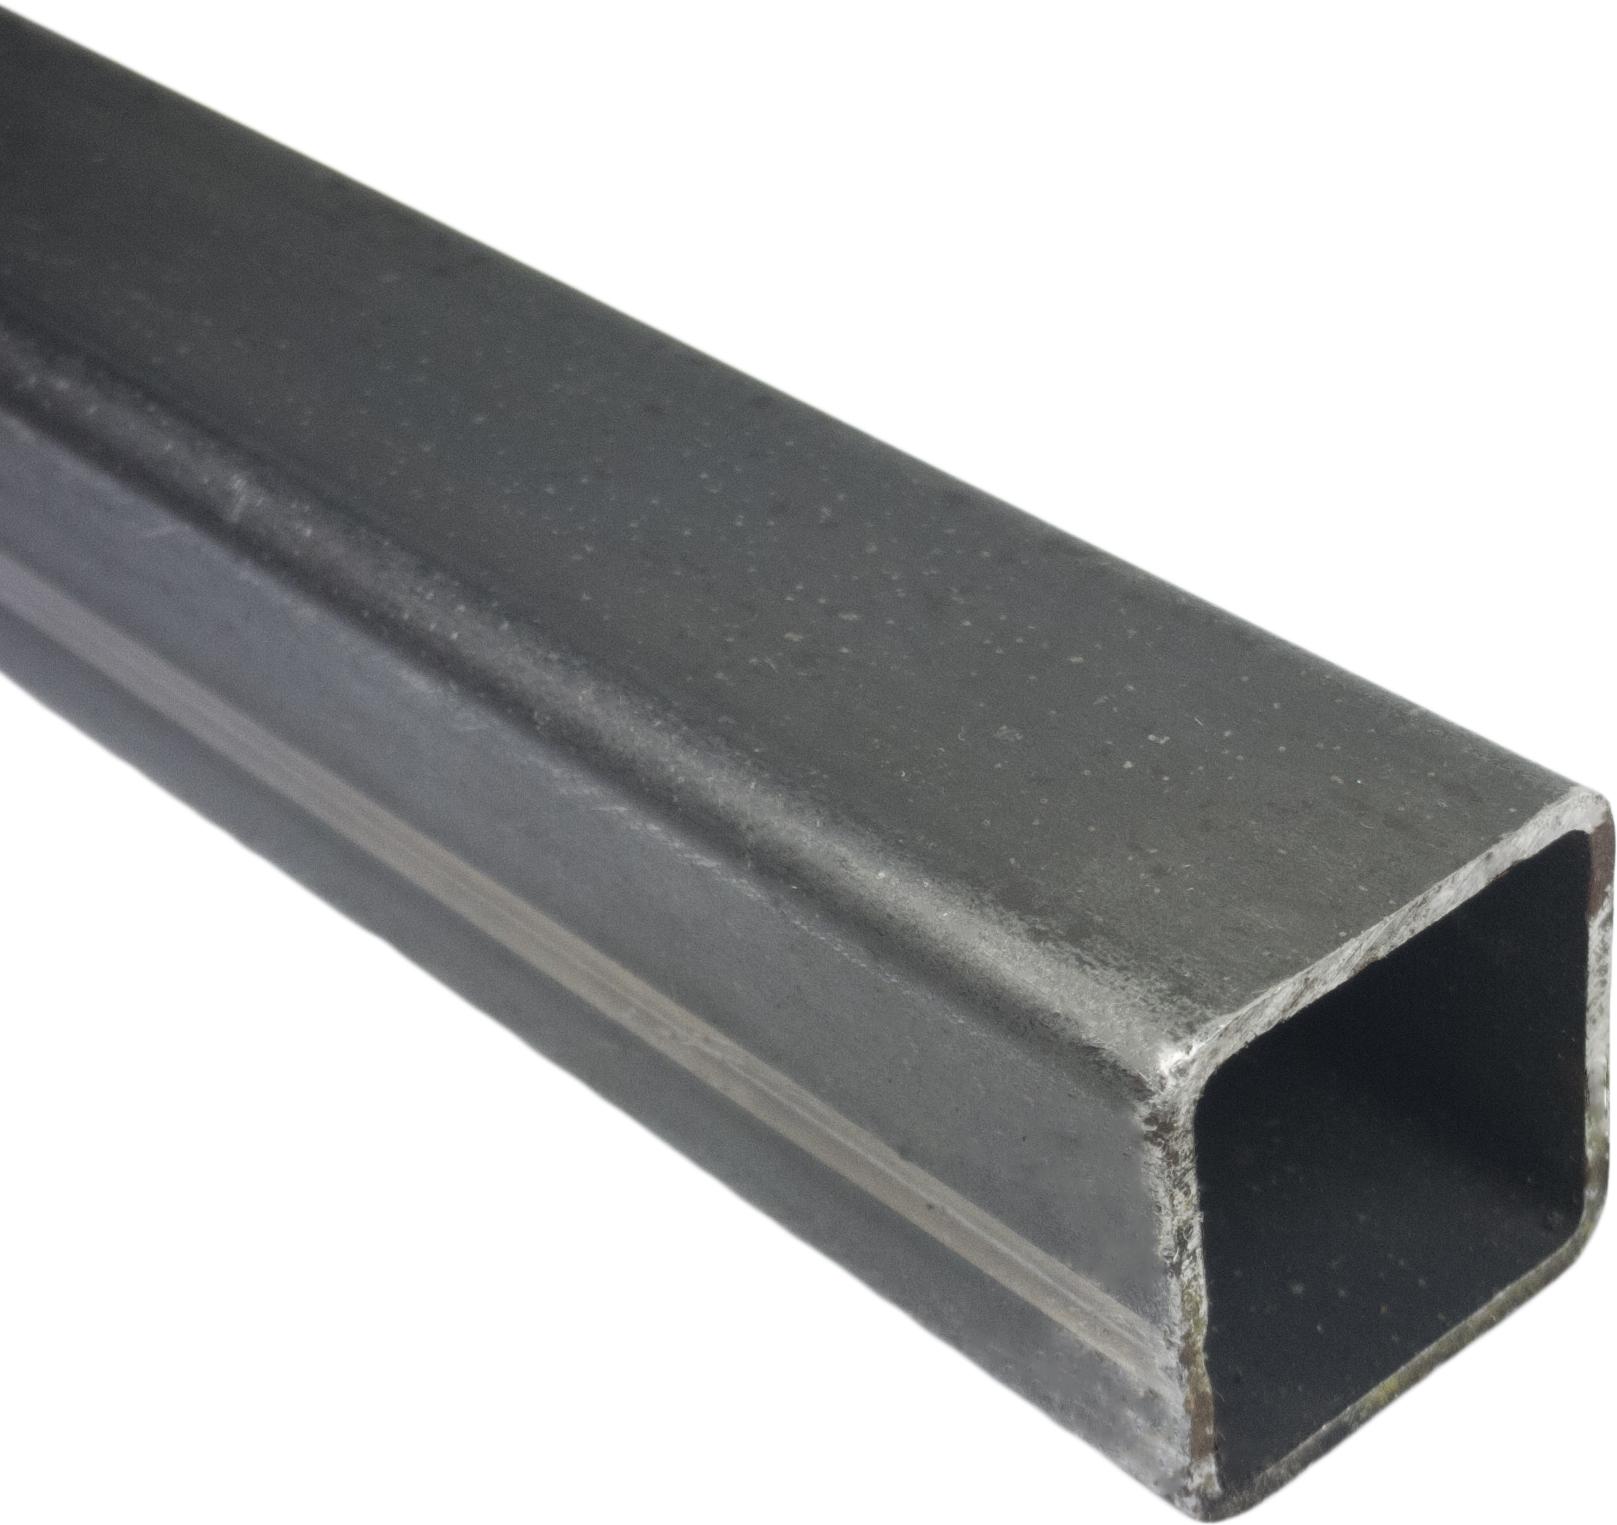 Профиль Стальной Закрыт 20x20x1,5 Длина 2000мм